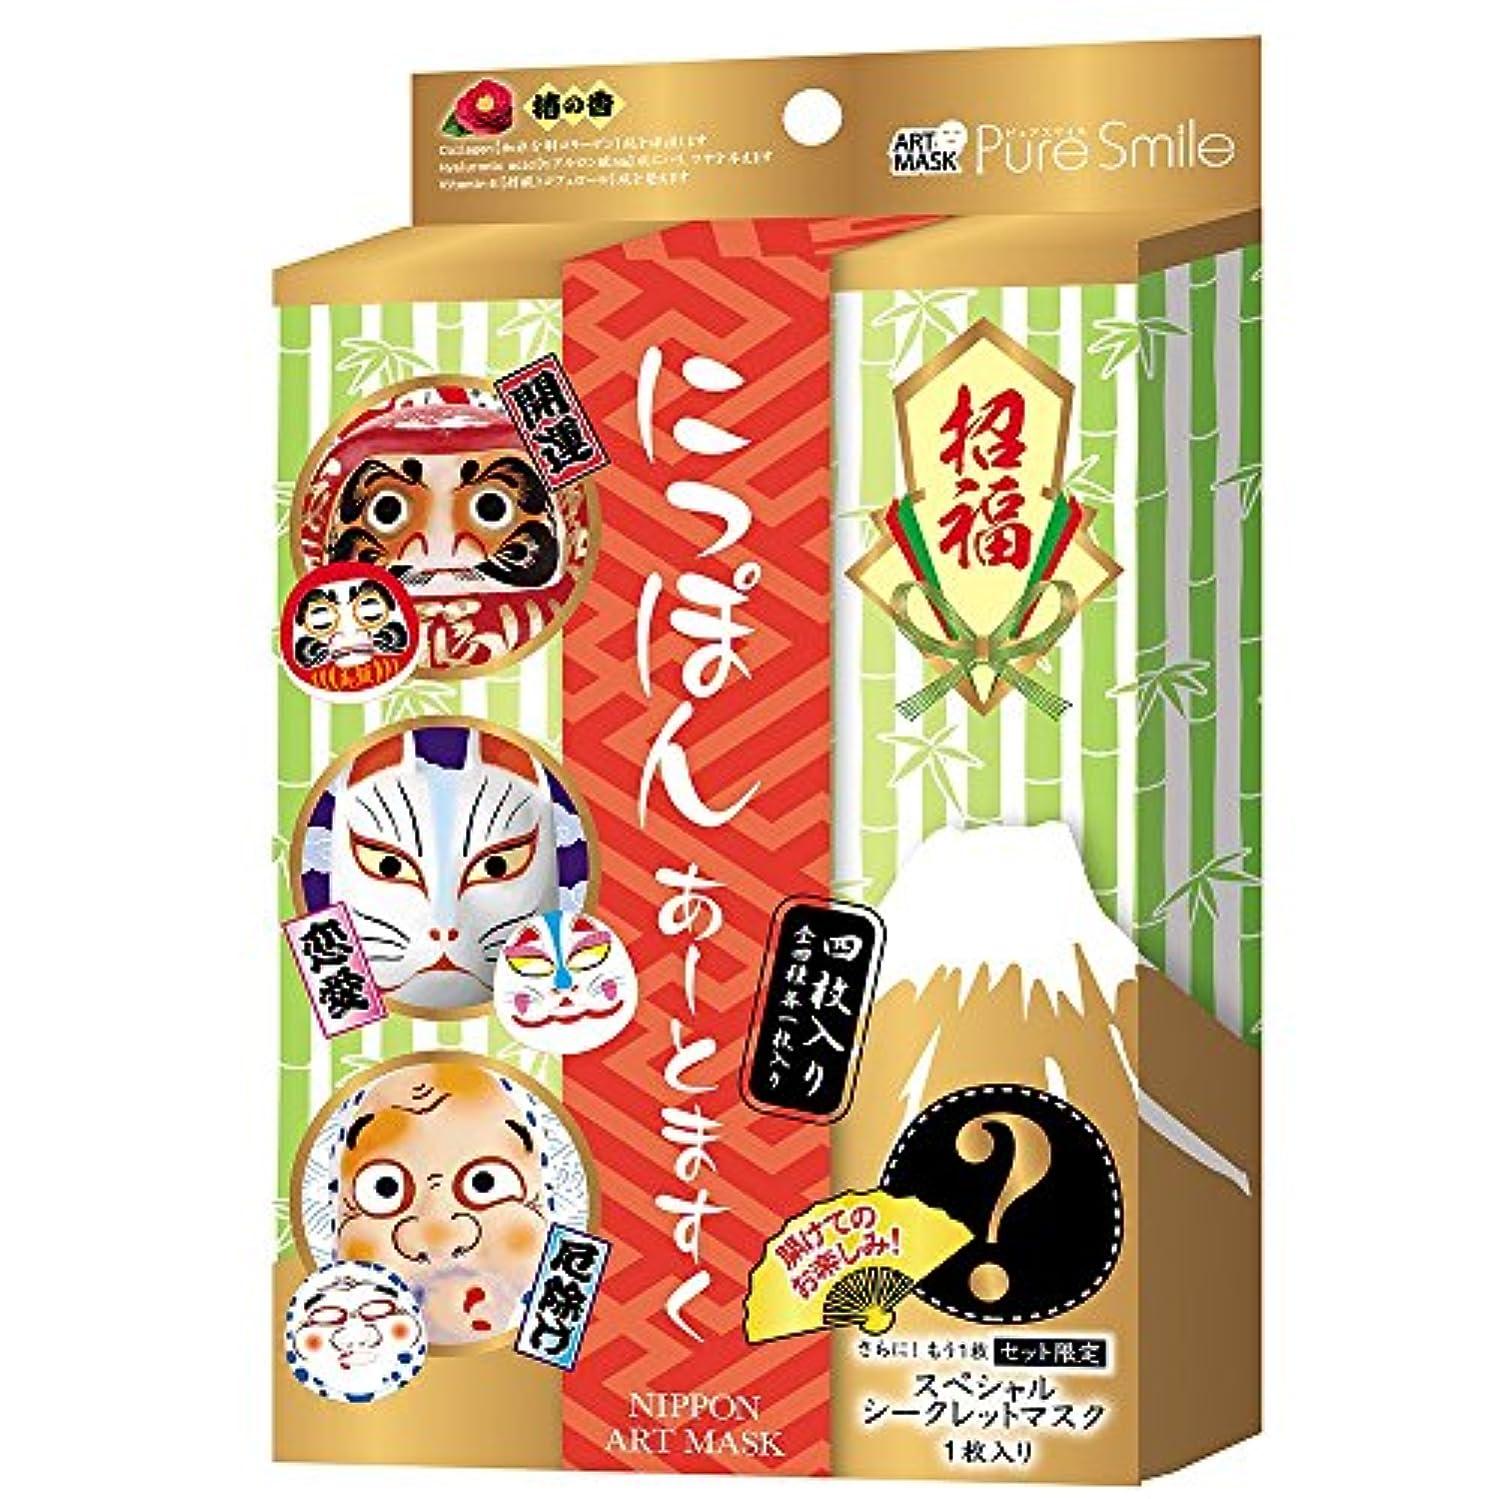 タッチコジオスコ積分ピュアスマイル 招福にっぽんアートマスク お得なセットBOX(全4種類各1枚入り)